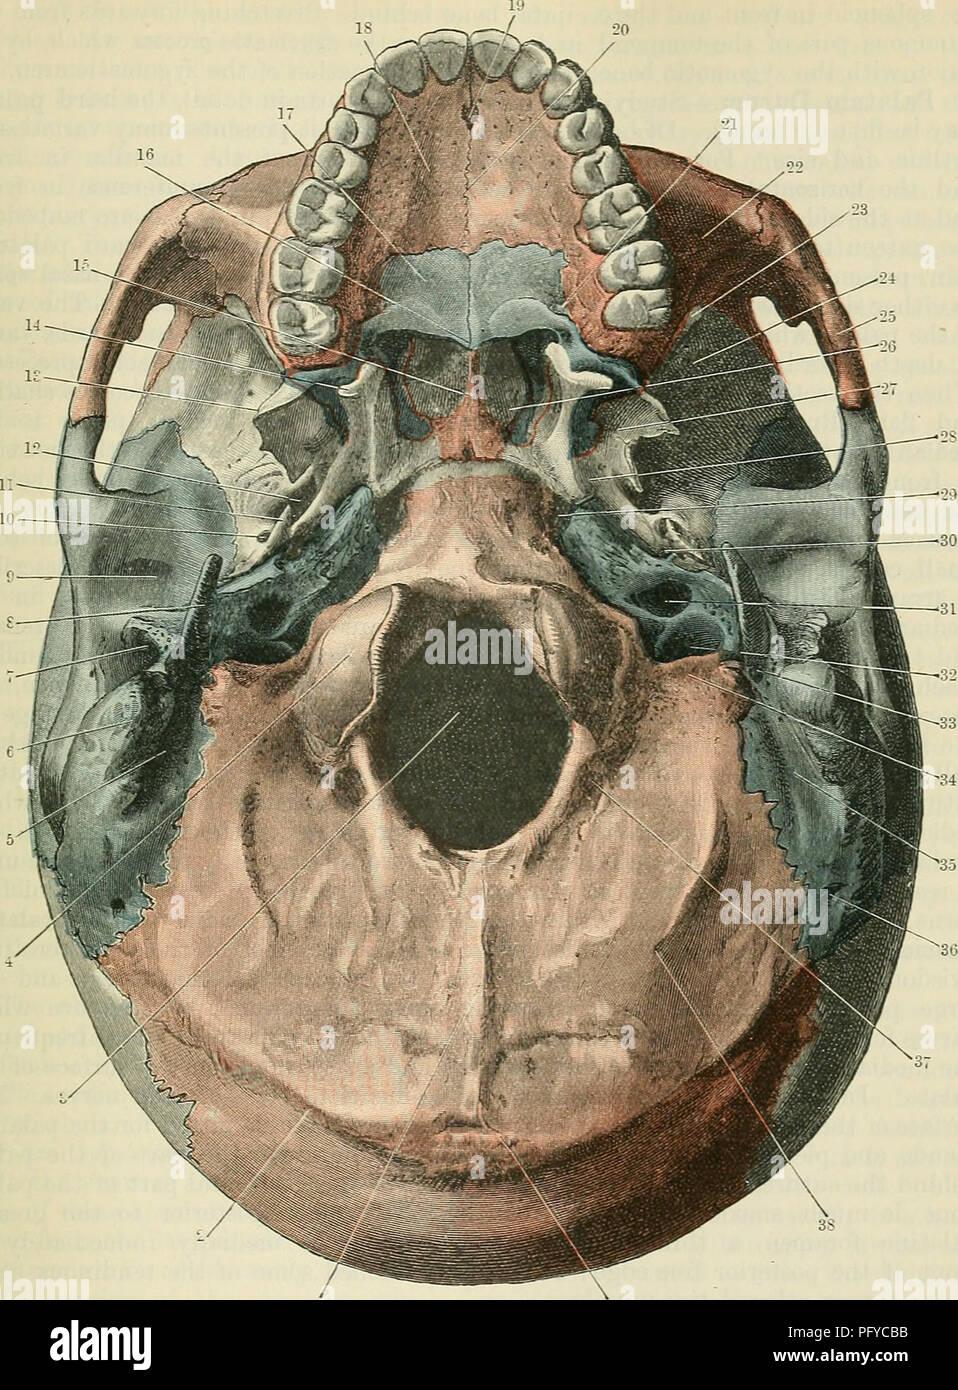 Asombroso Anatomía Cóndilo Occipital Imágenes - Anatomía y ...